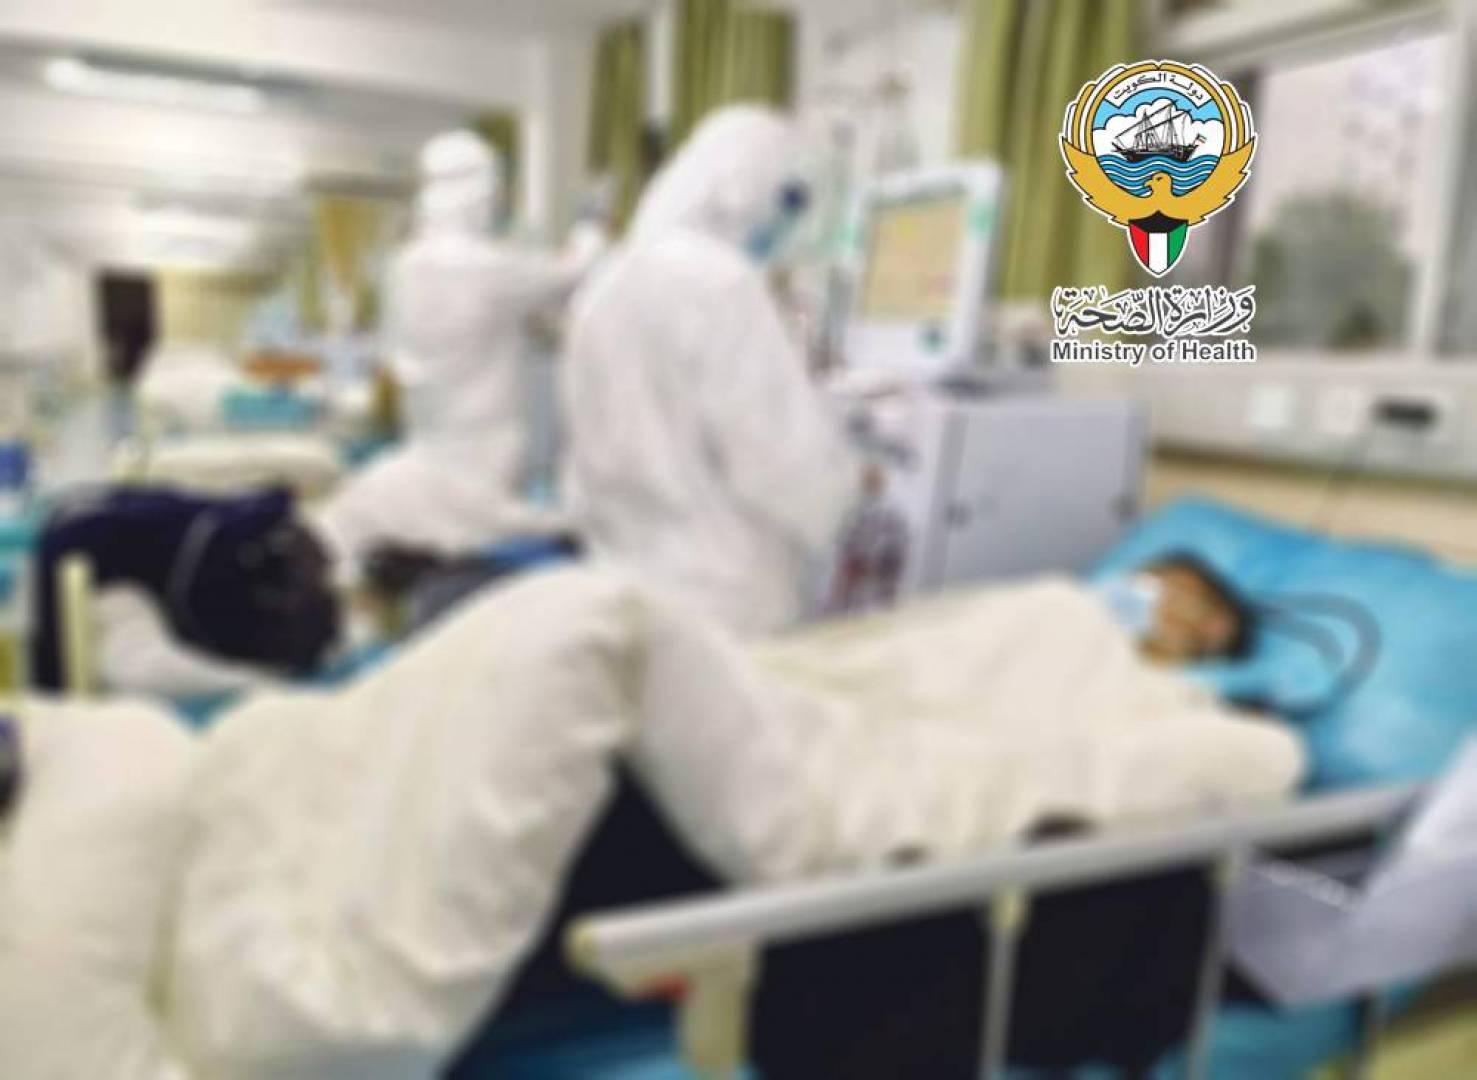 الكويت تُسجل أكثر من ألف إصابة جديدة بفیروس كورونا